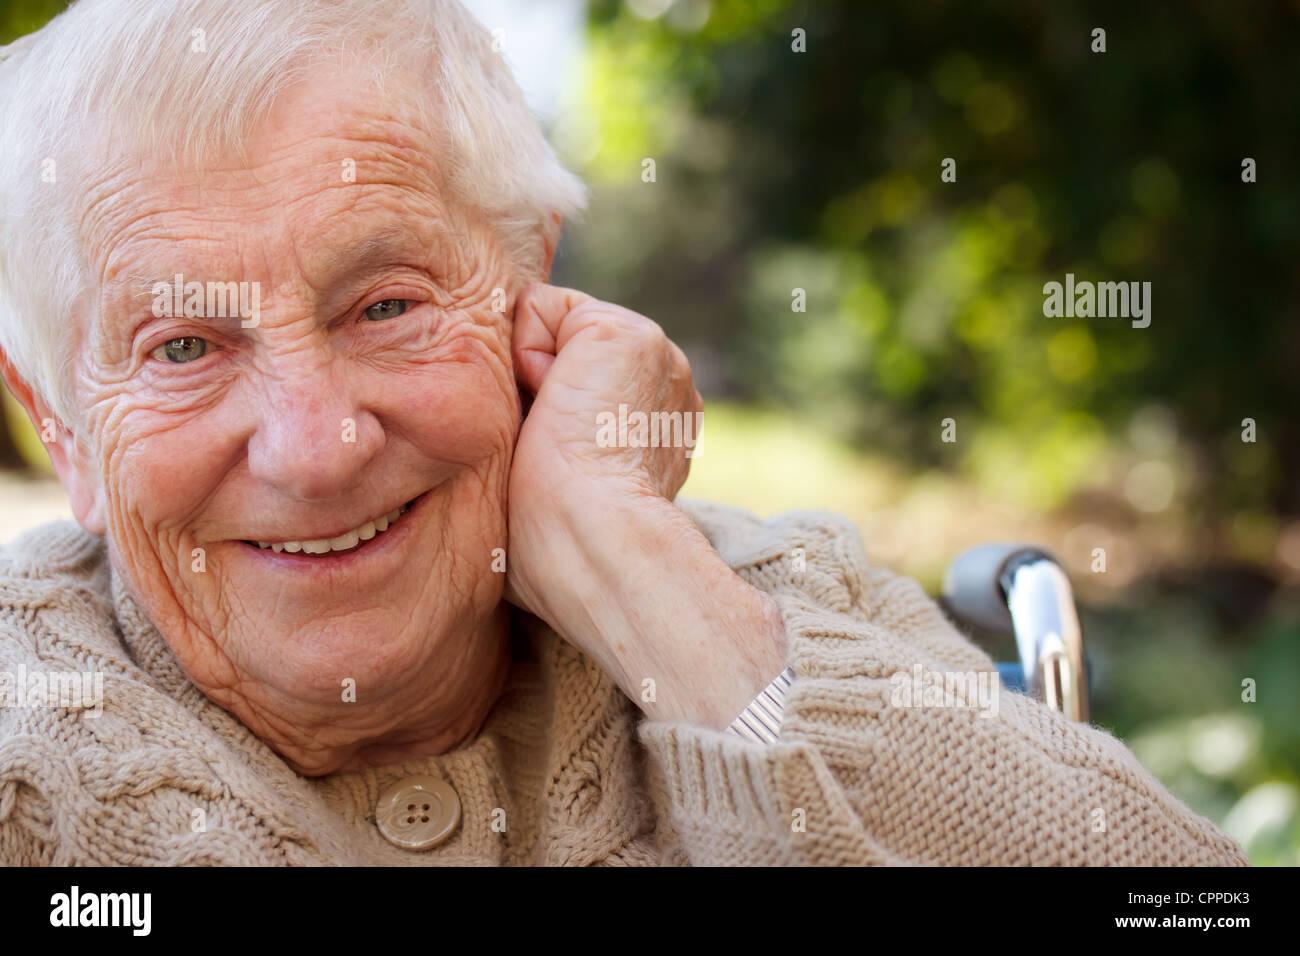 Senior Woman Smiling in Wheelchair Photo Stock